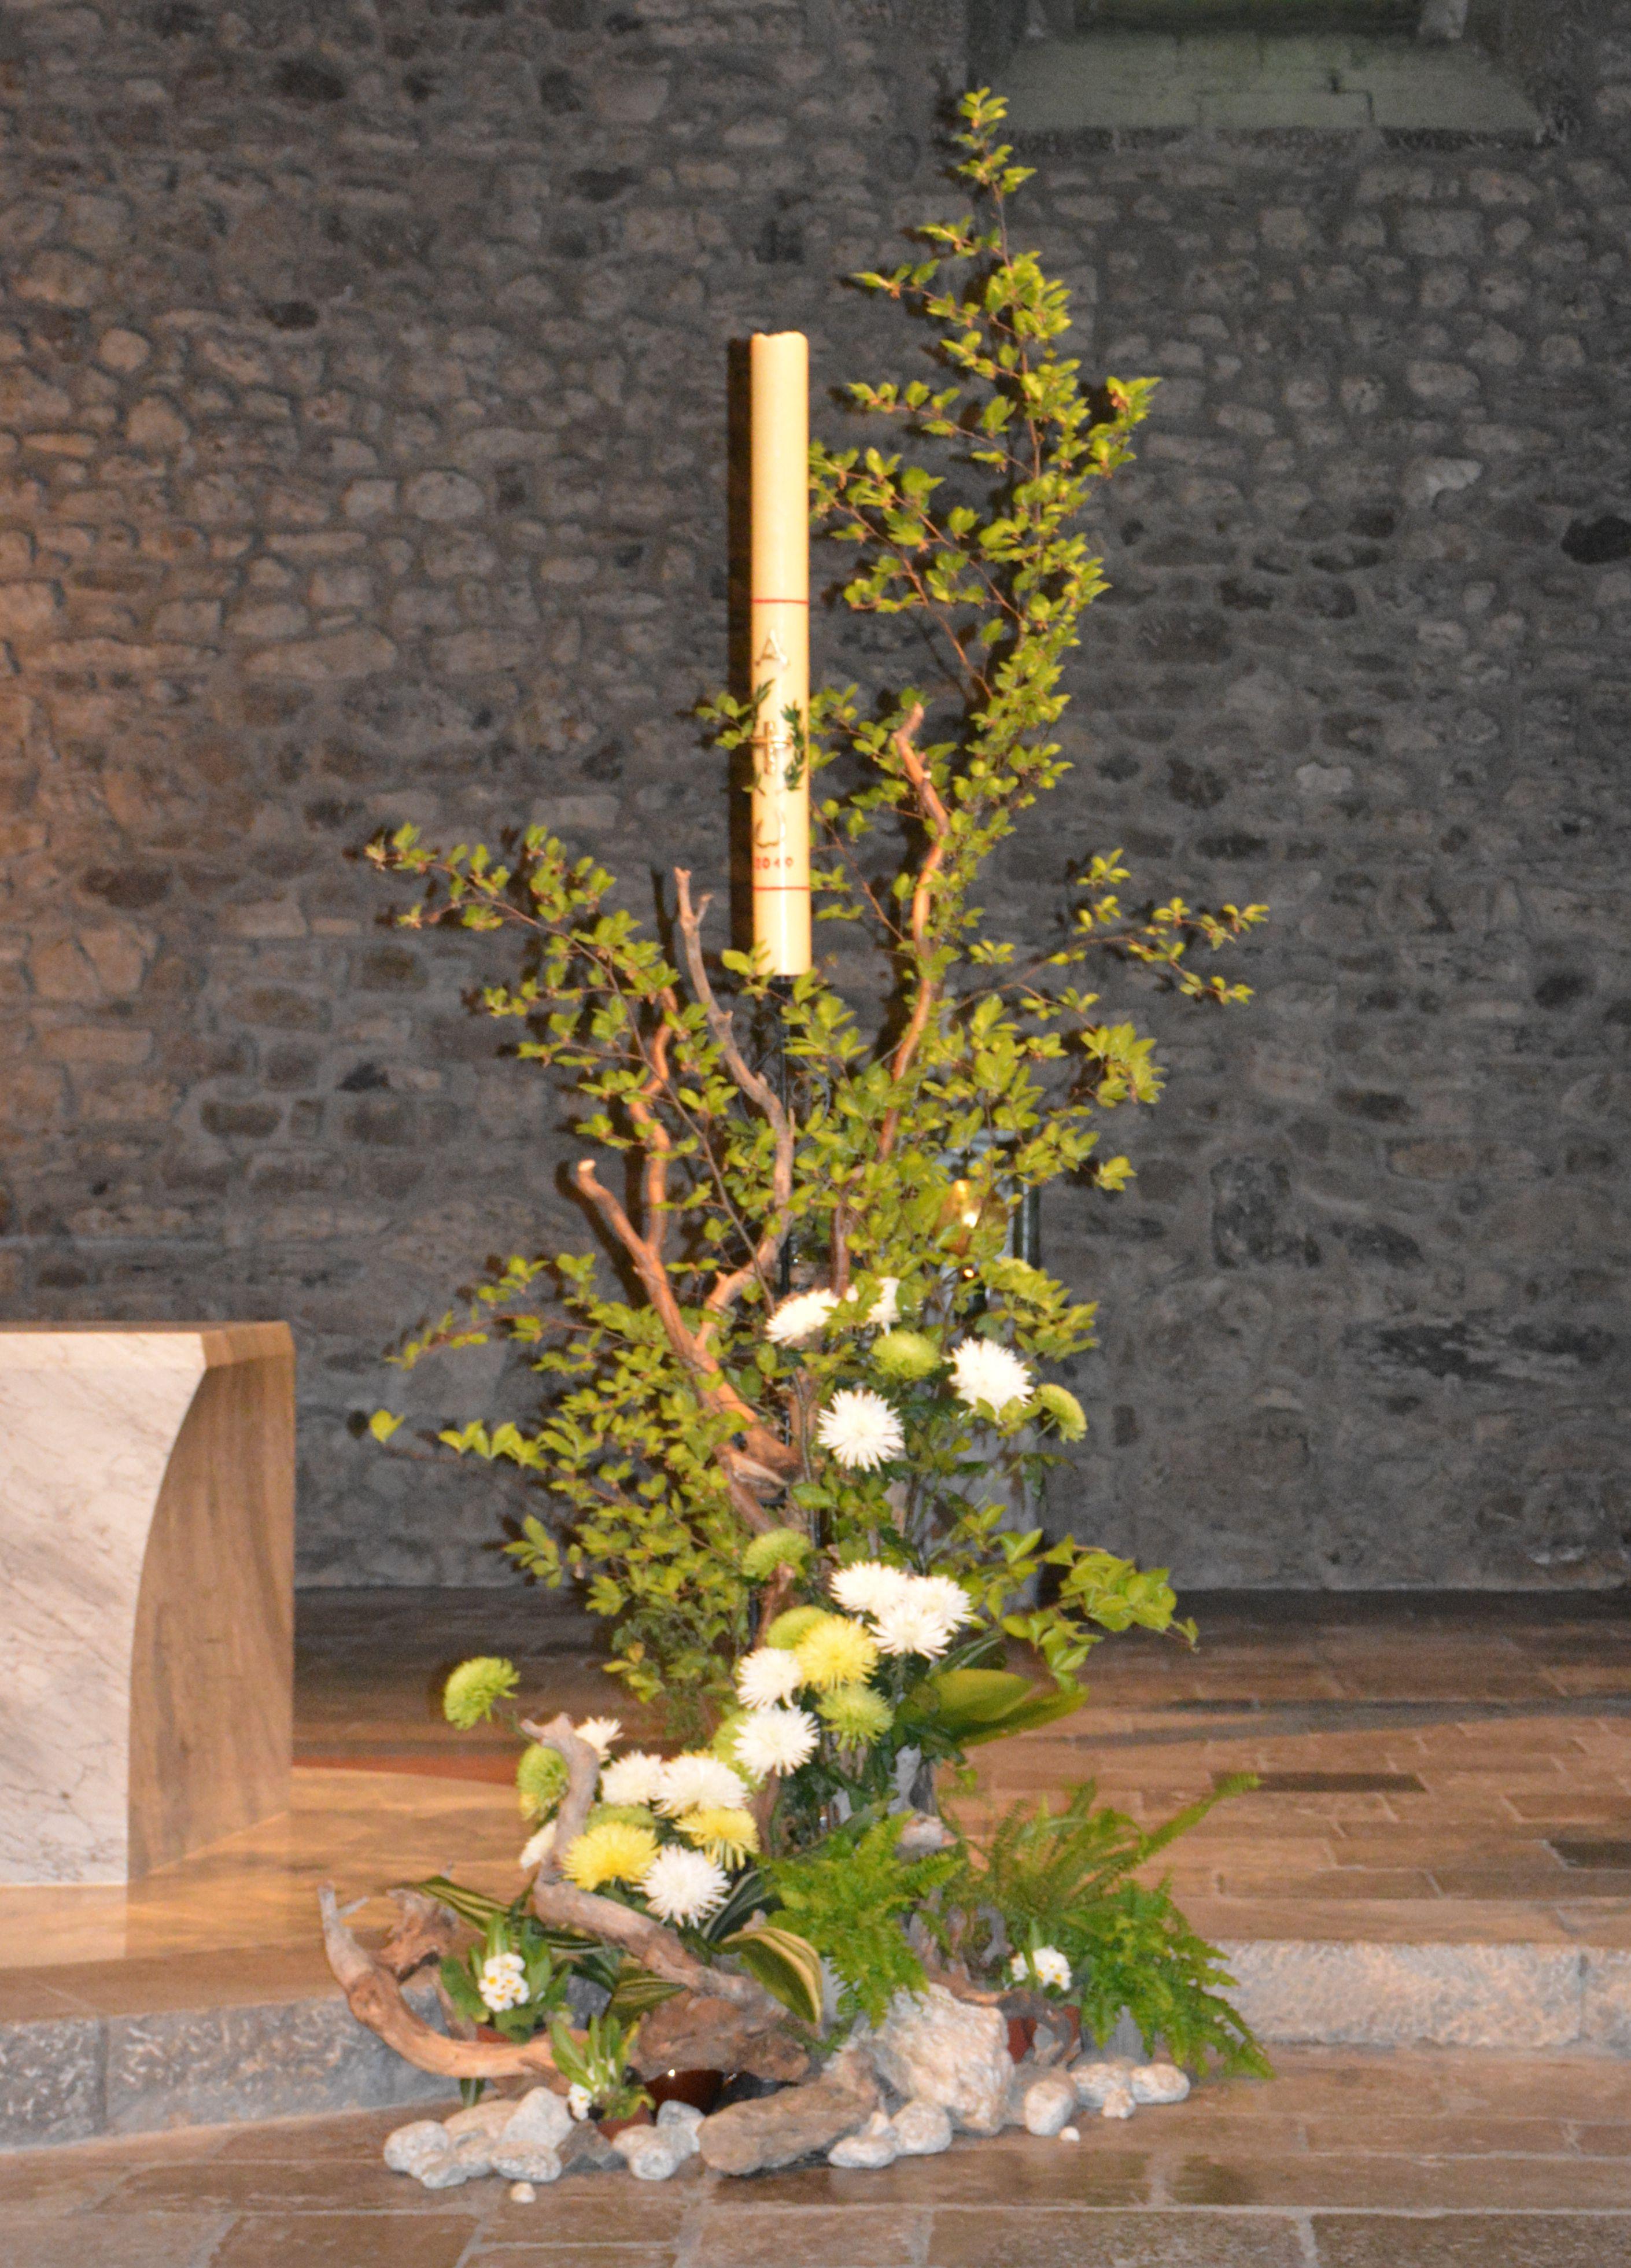 Composition florale autour du cierge pascal à l'Abbaye de Tamié, Pâques 2019.